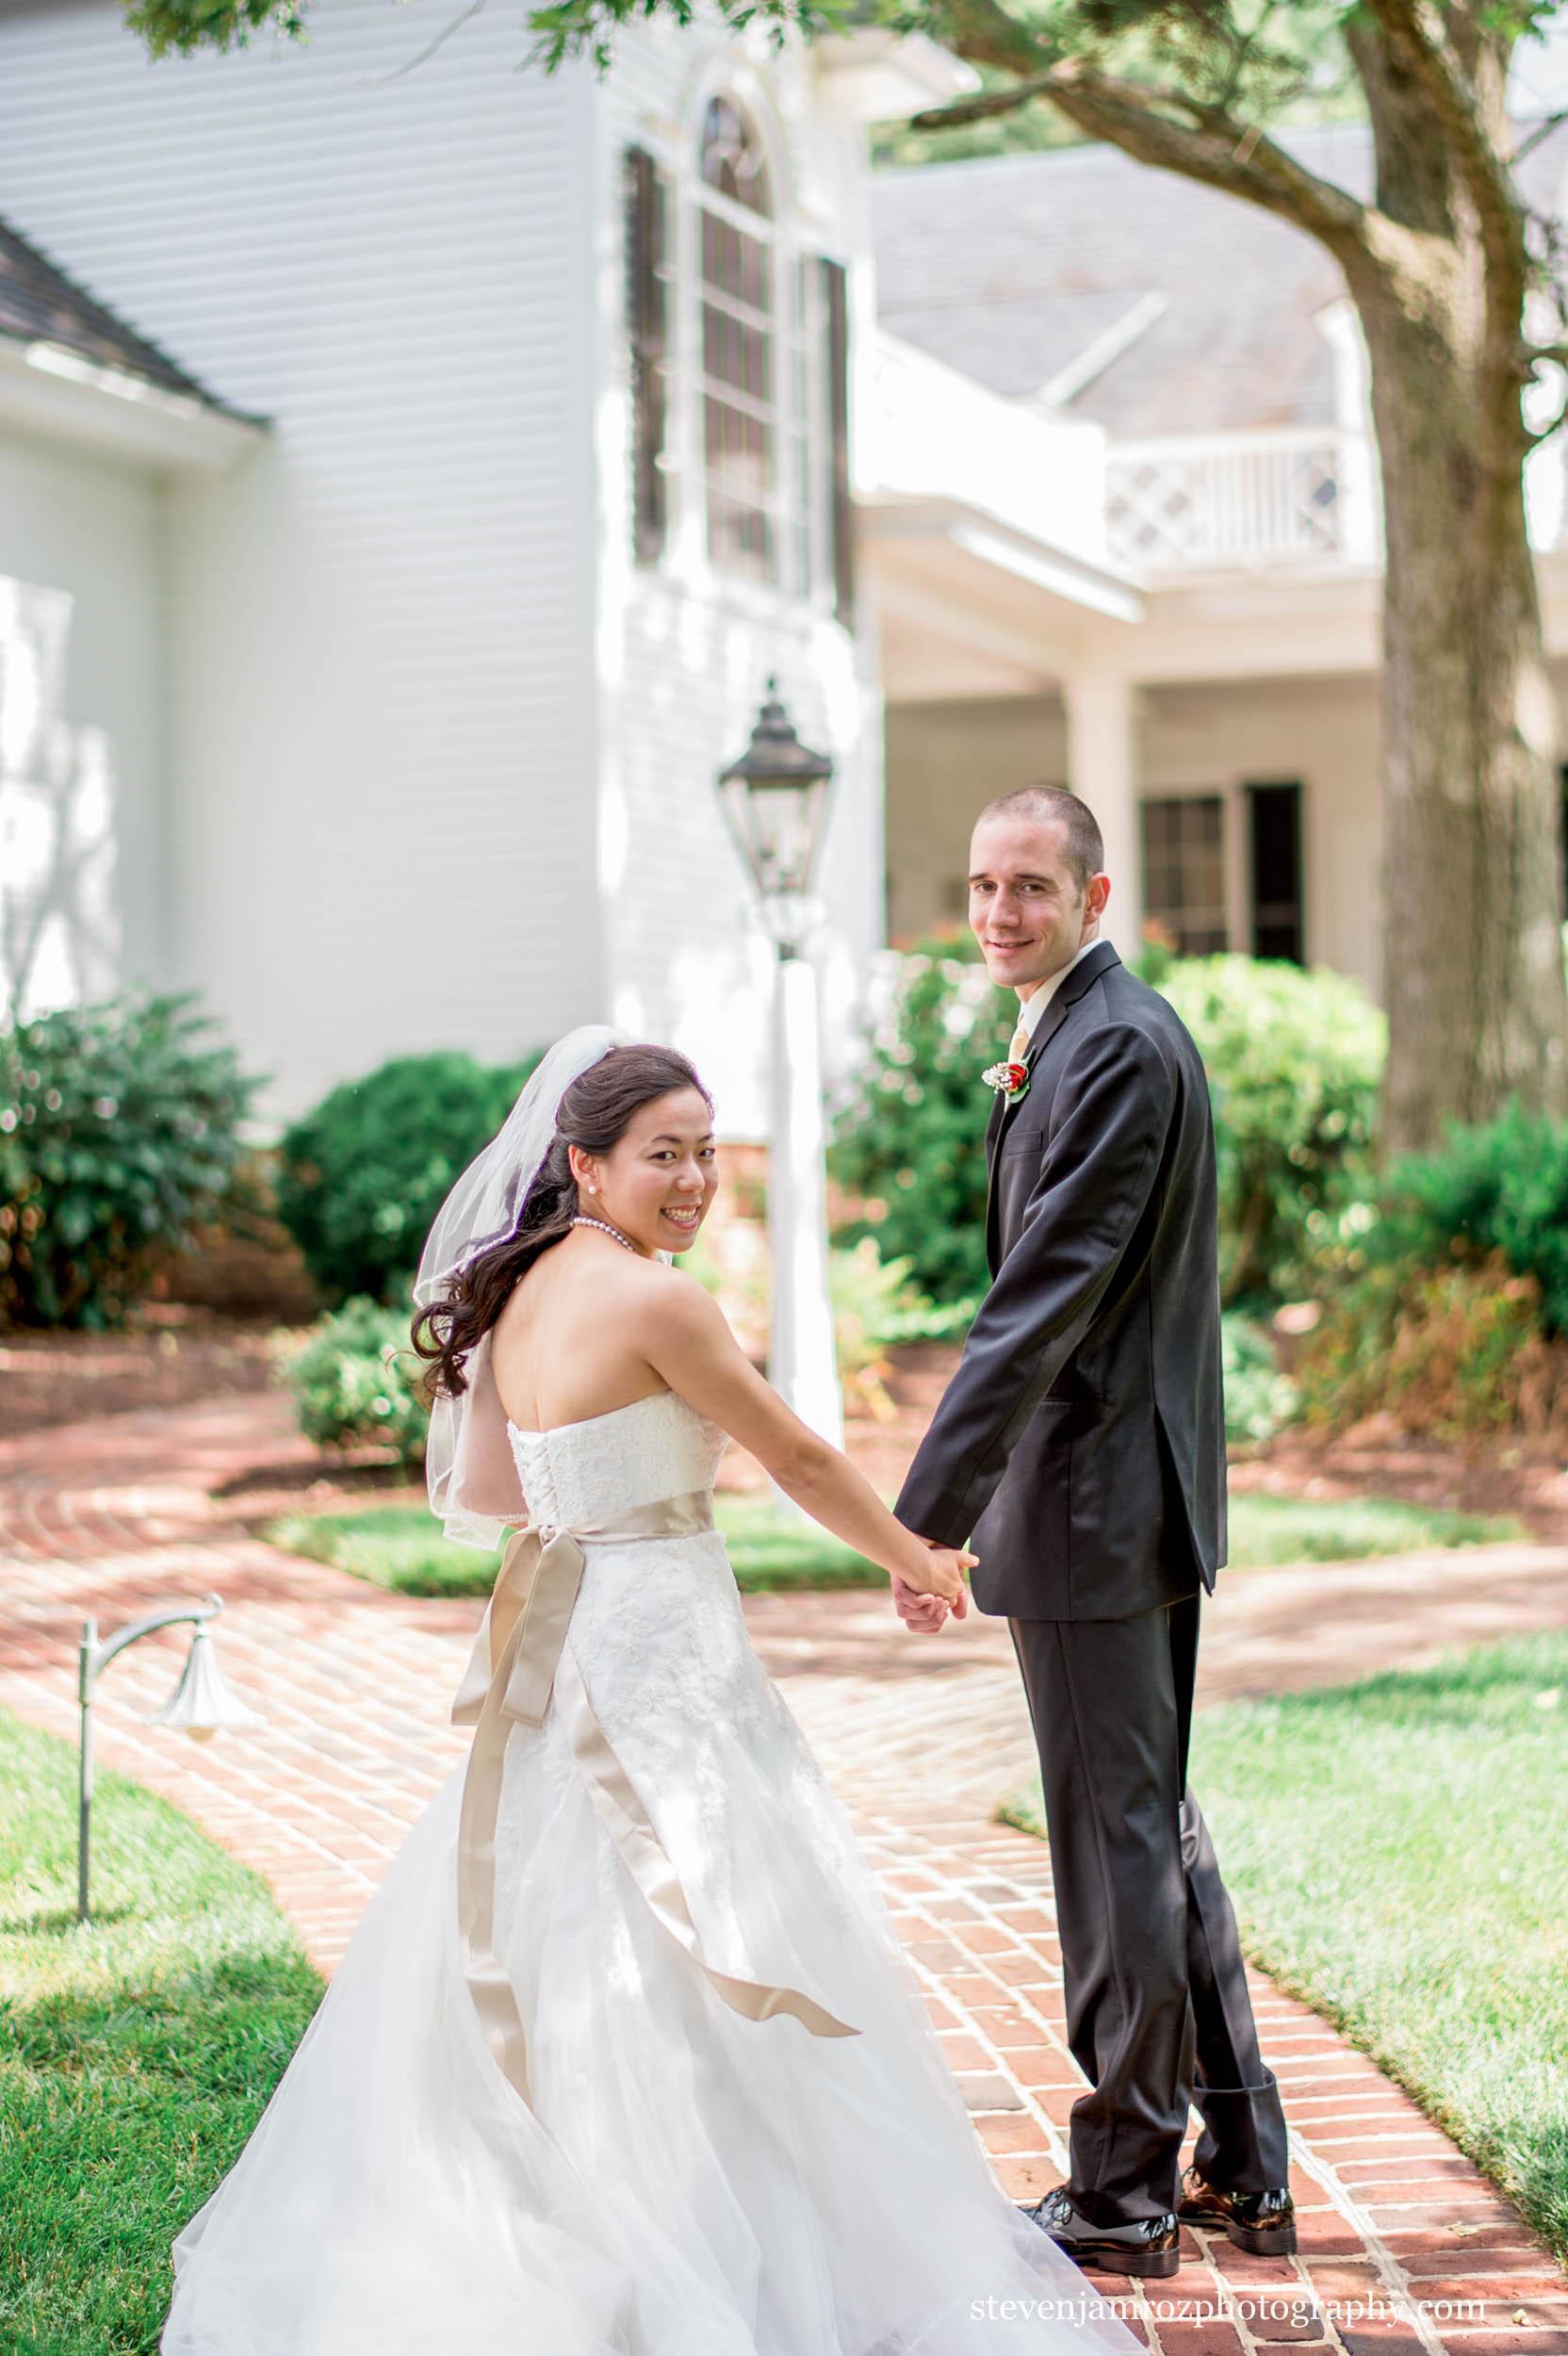 holding-hands-rose-hill-plantation-bride-groom-wedding-steven-jamroz-photography-0549.jpg